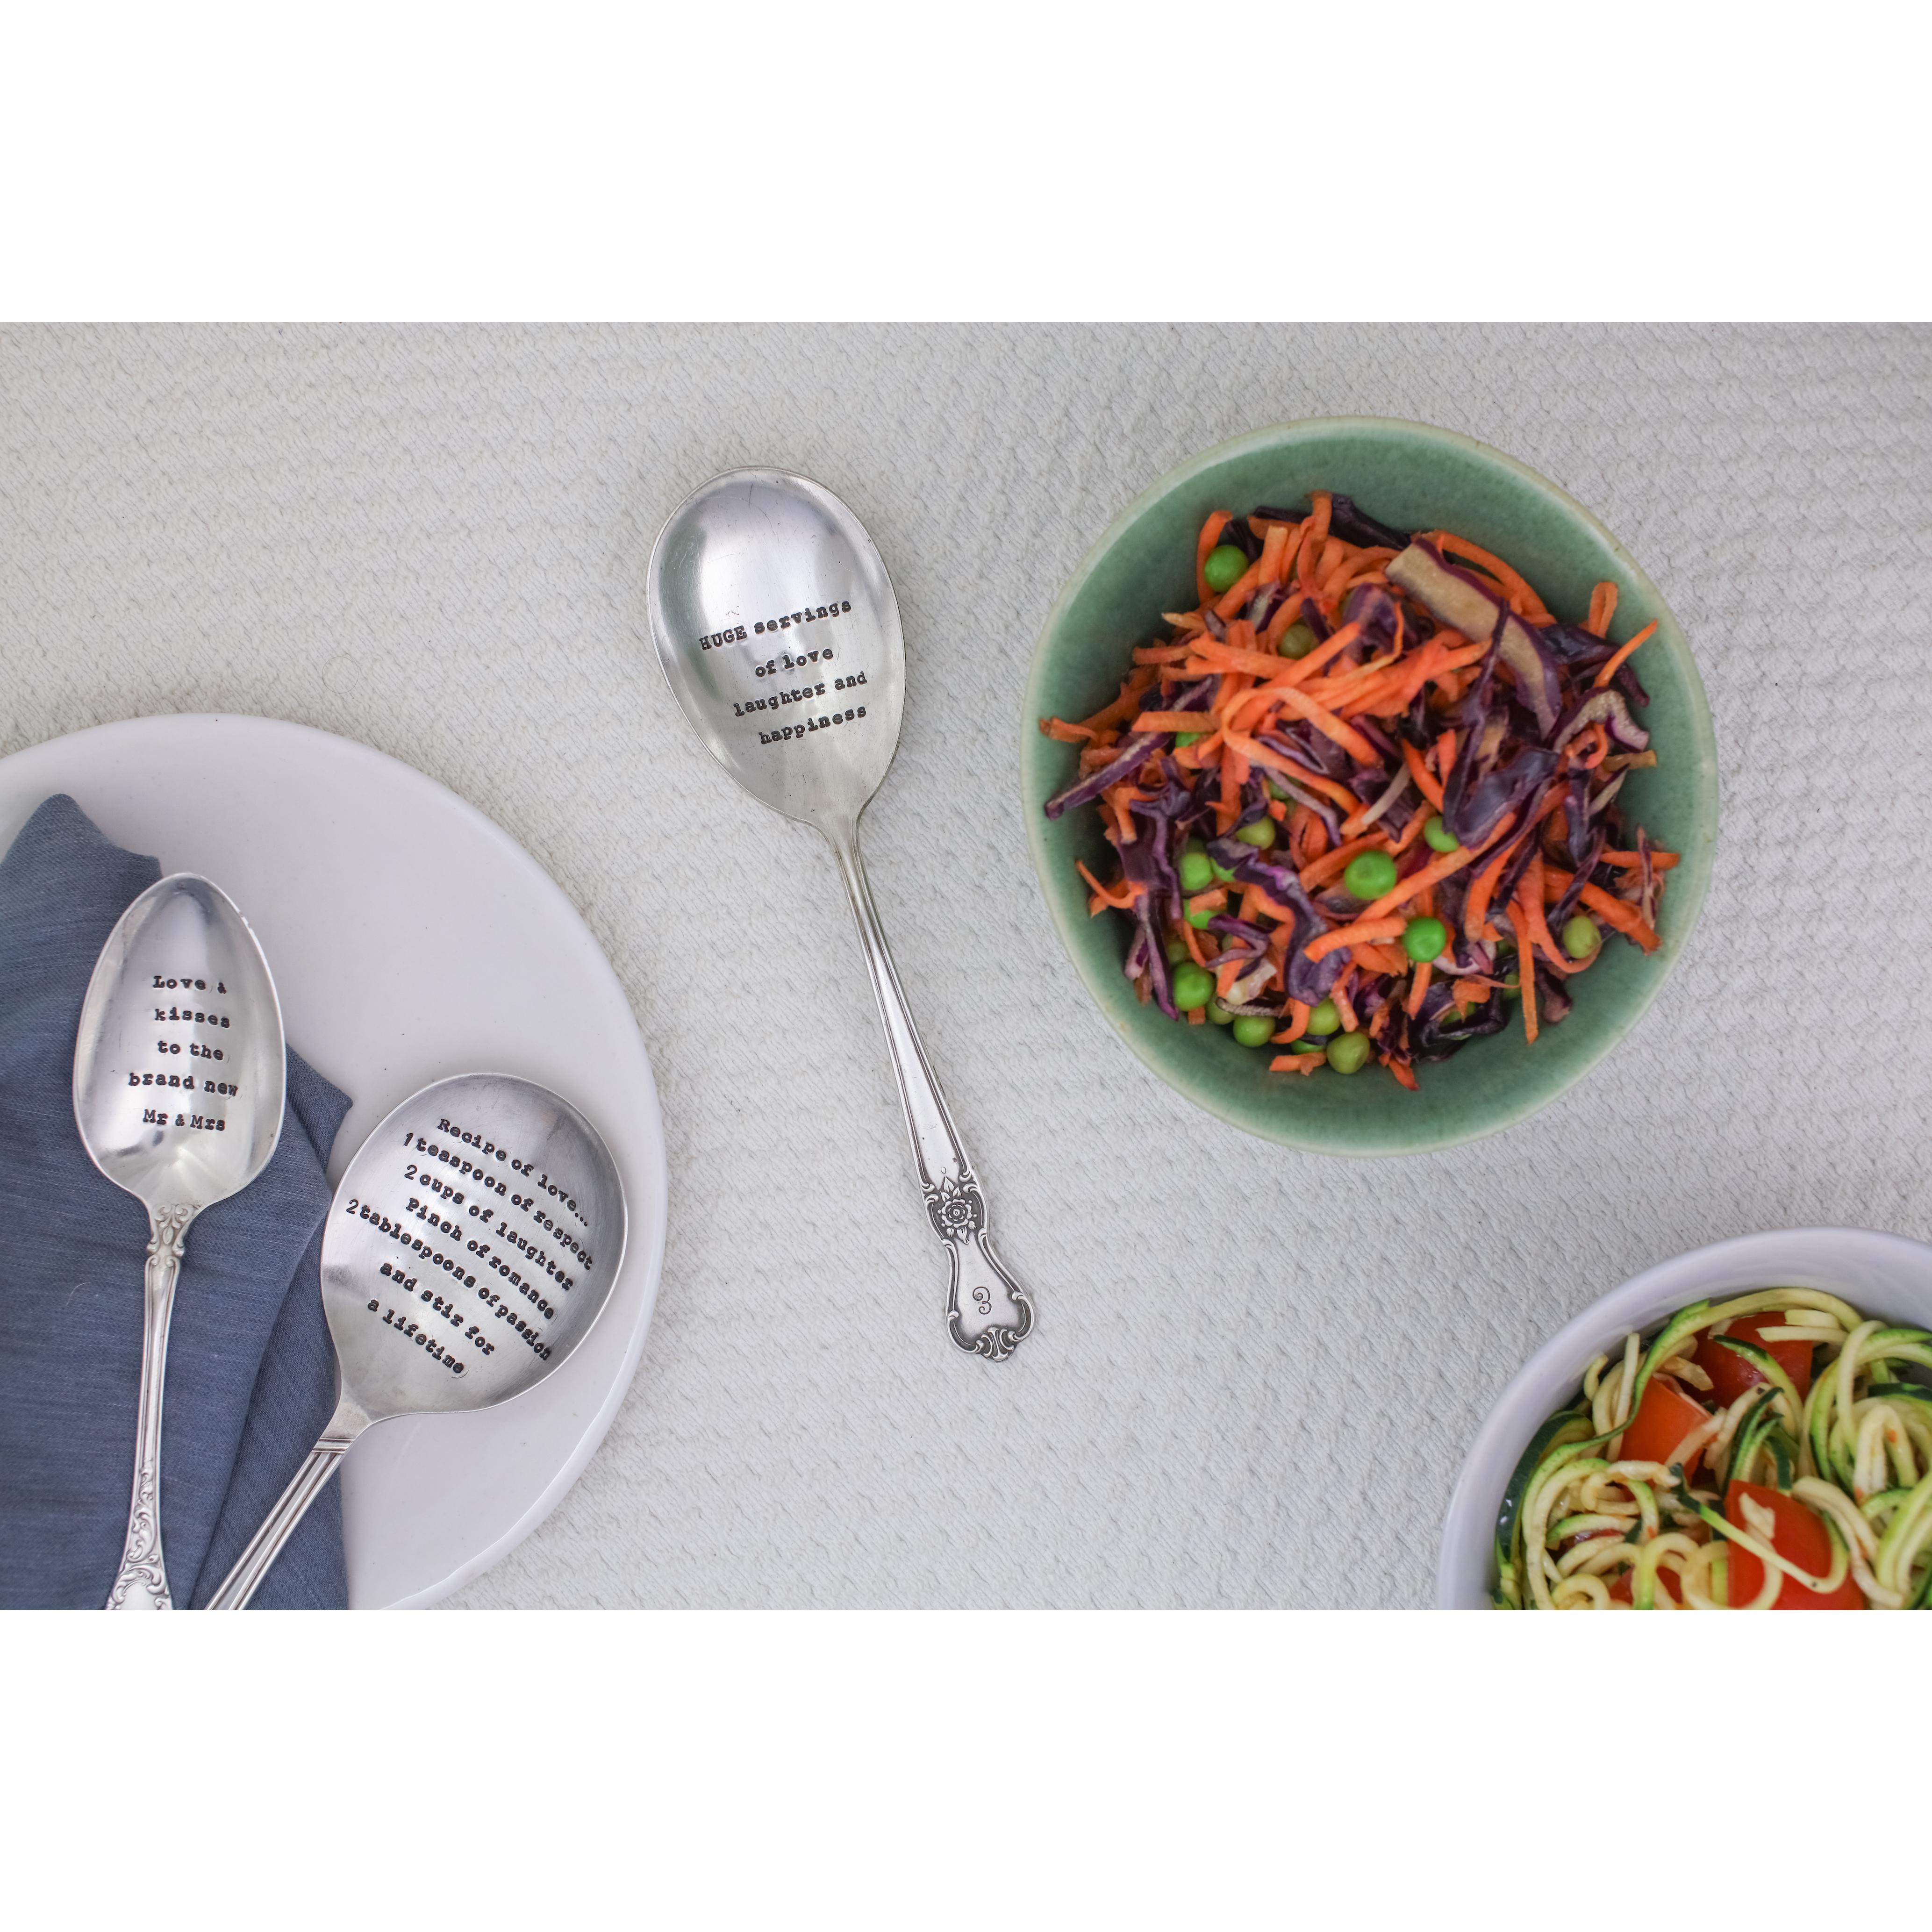 Serving Spoon – 'Huge Servings Of Love'